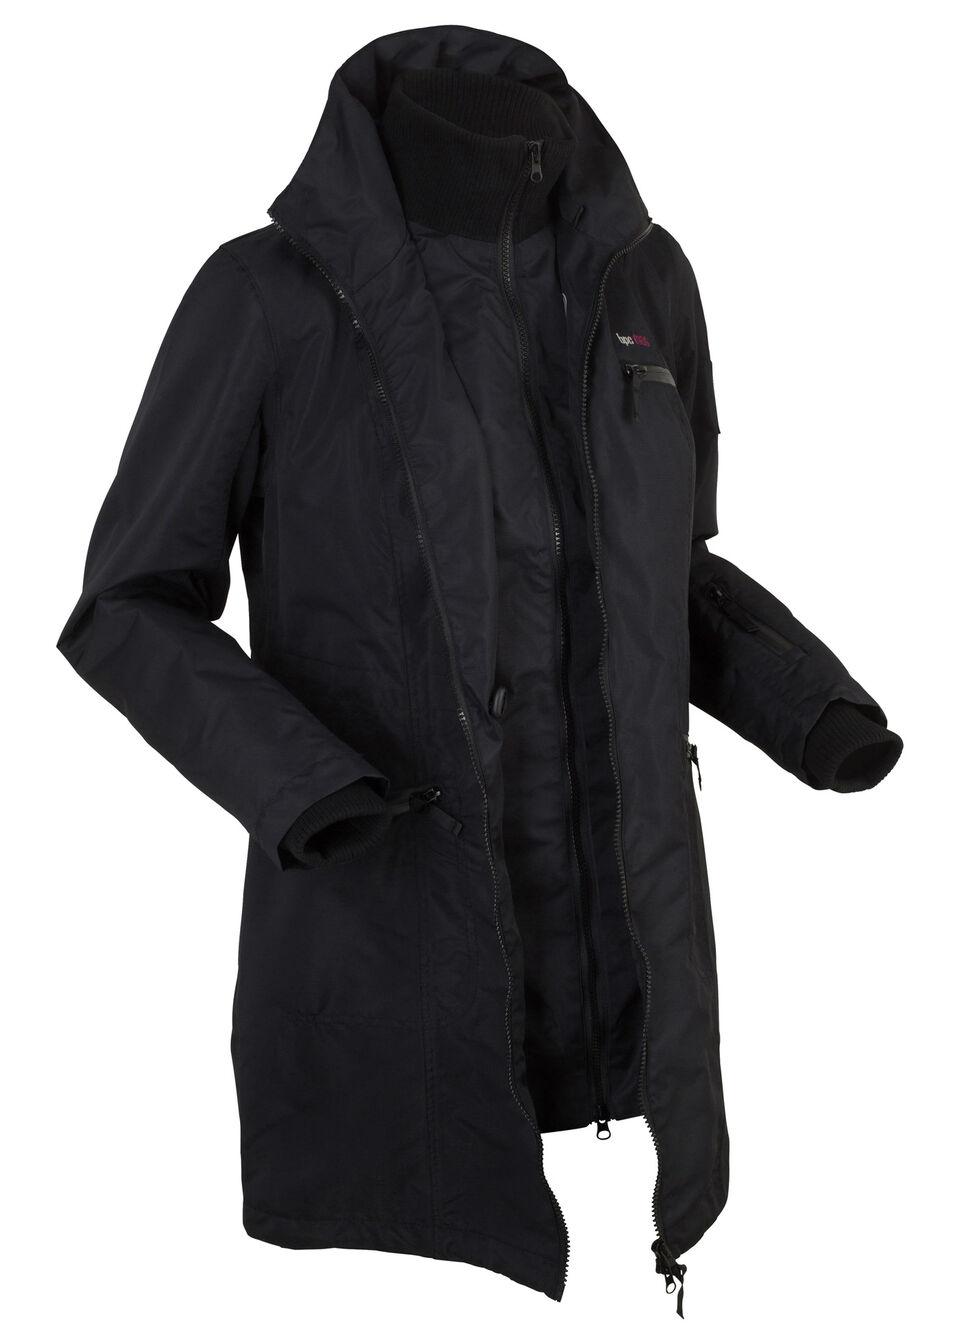 Функциональная куртка дизайна 2 в 1 с капюшоном